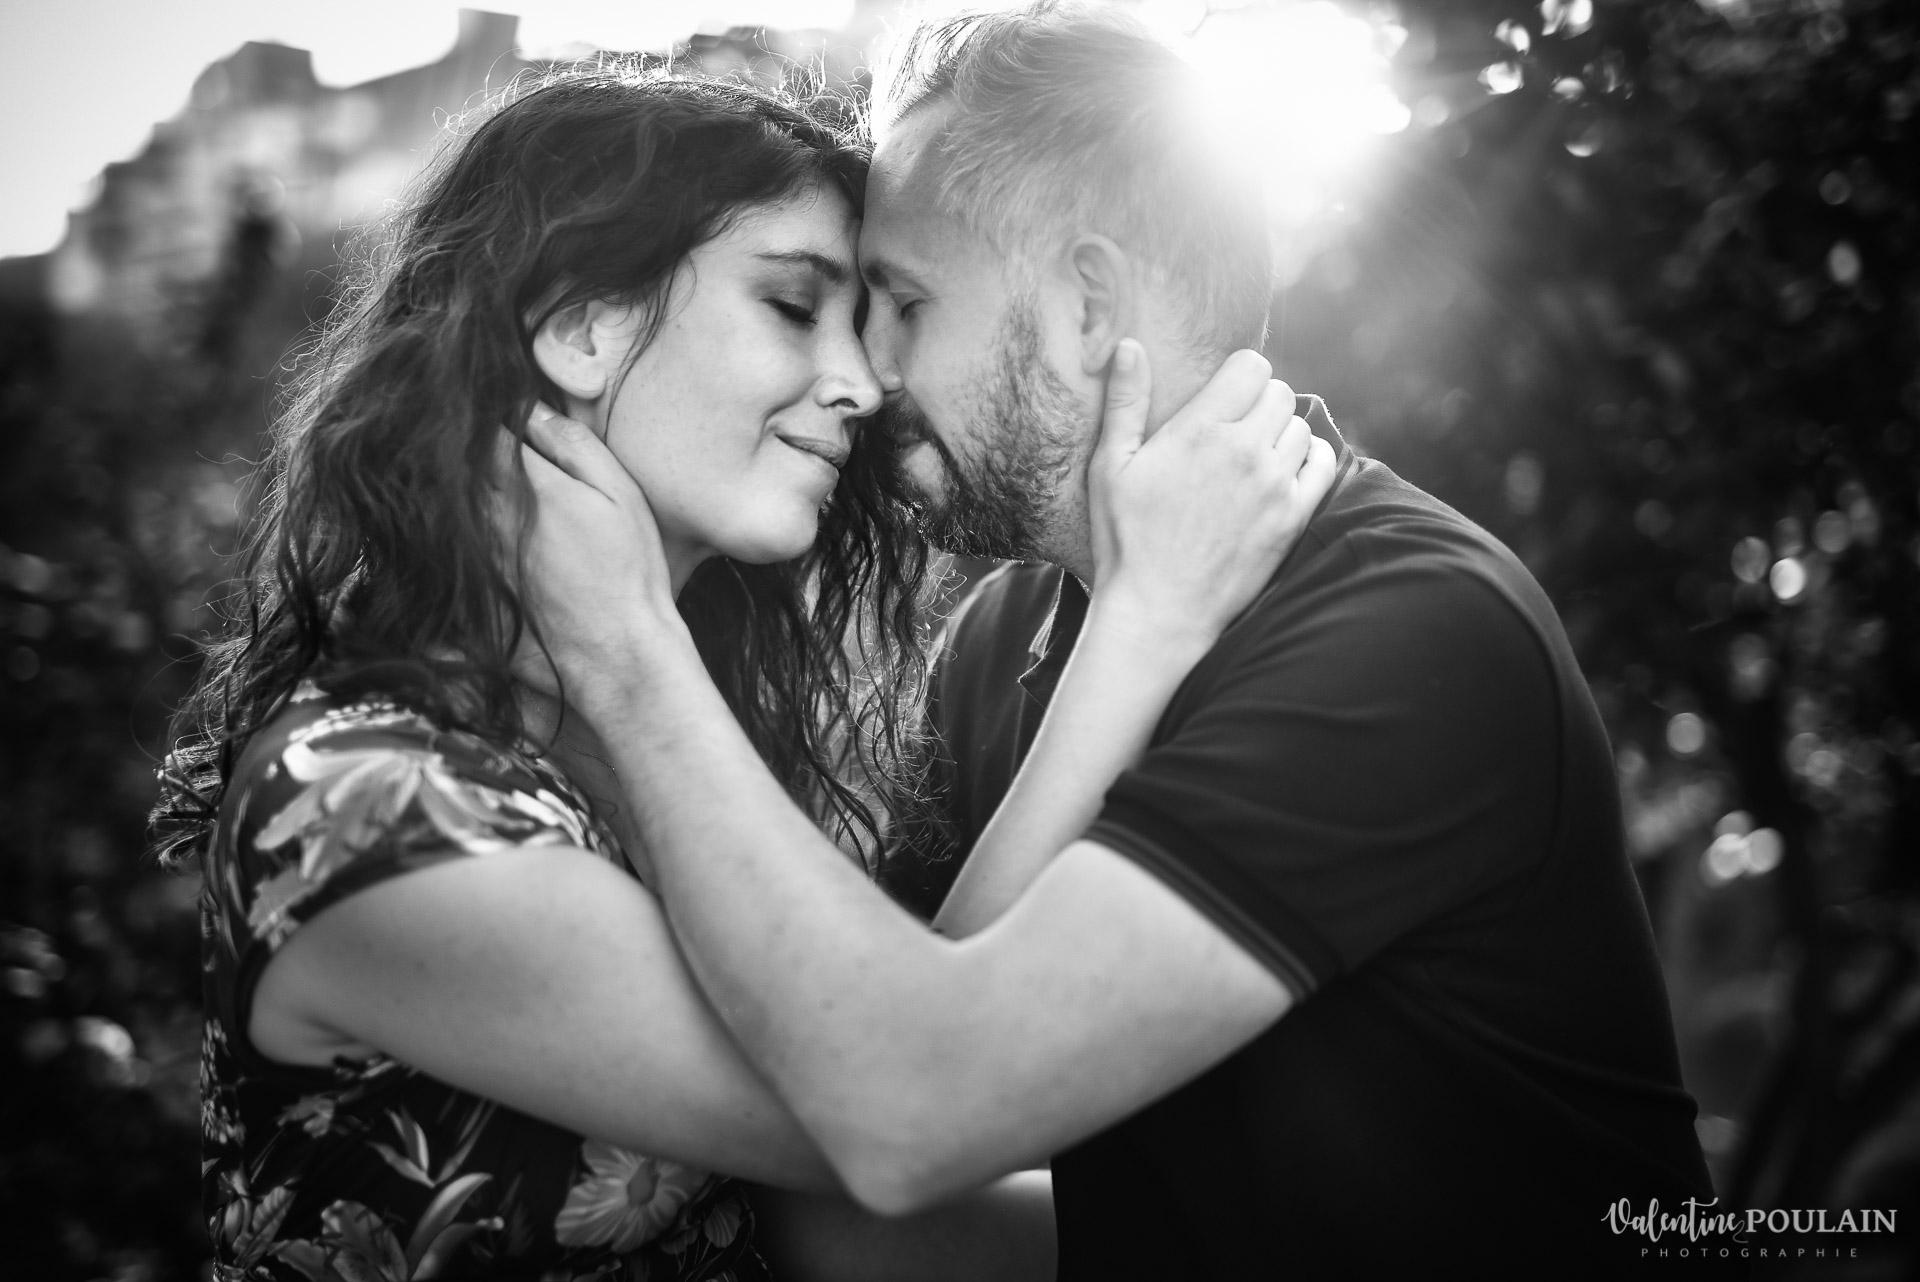 Séance photo couple Barcelone - Valentine Poulain intense